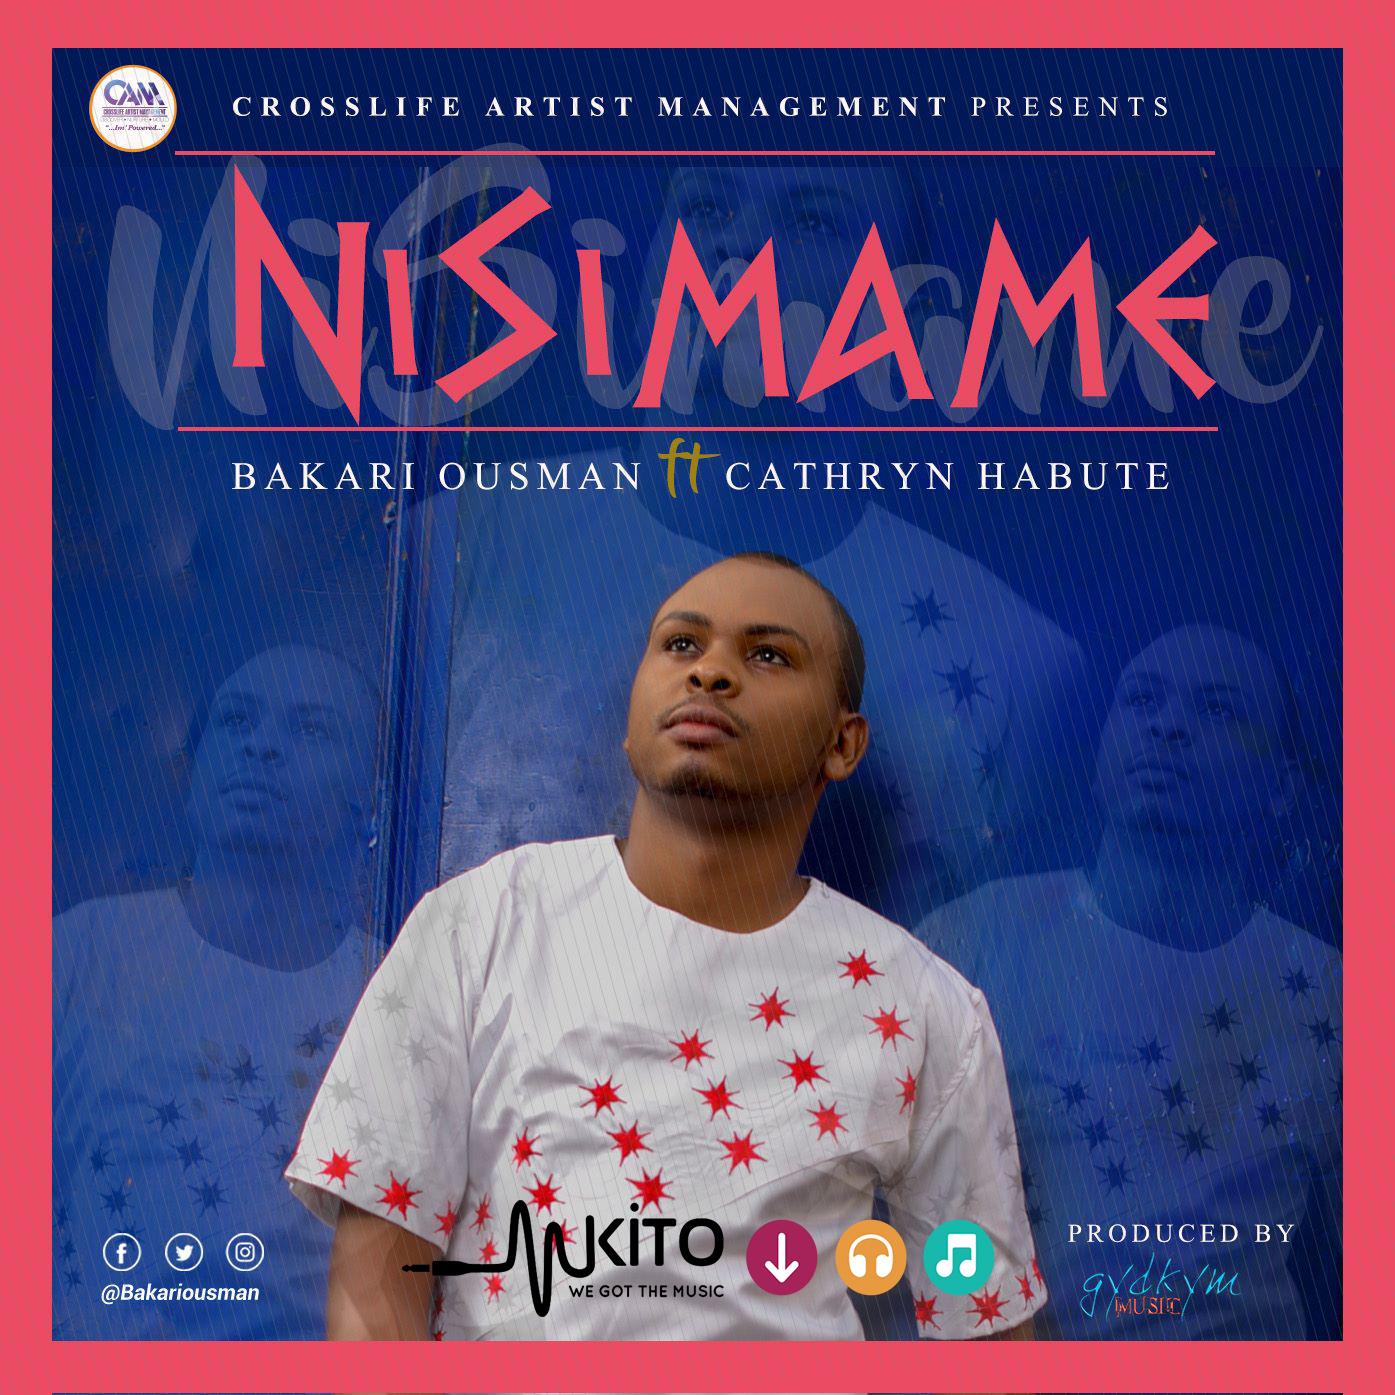 Bakari Ousman - Nisimame